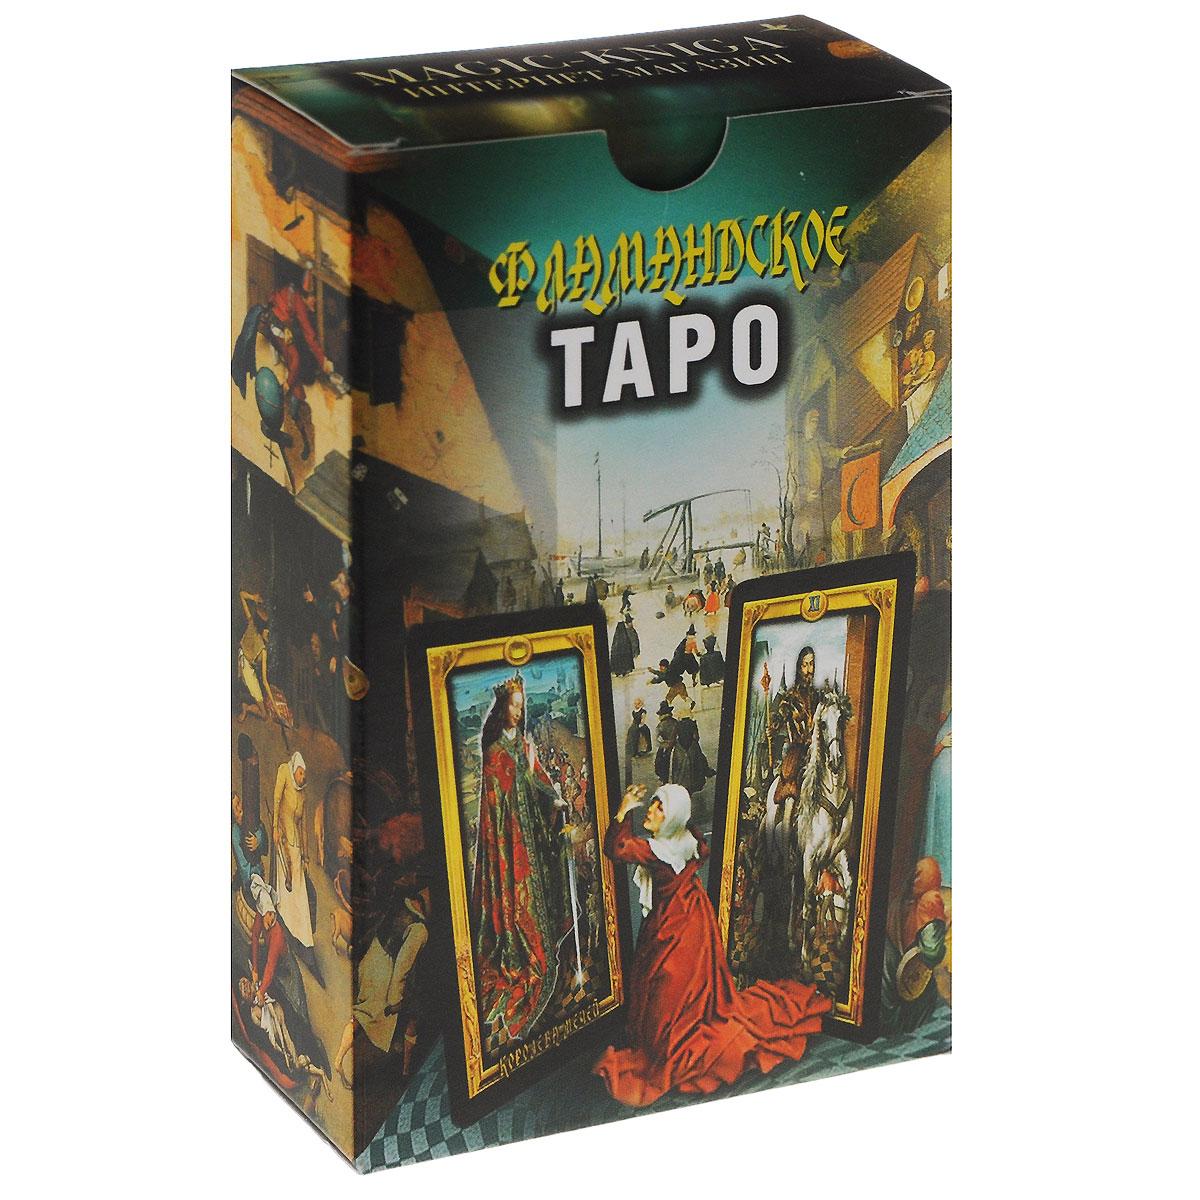 Фламандское Таро (набор из 76 карт)